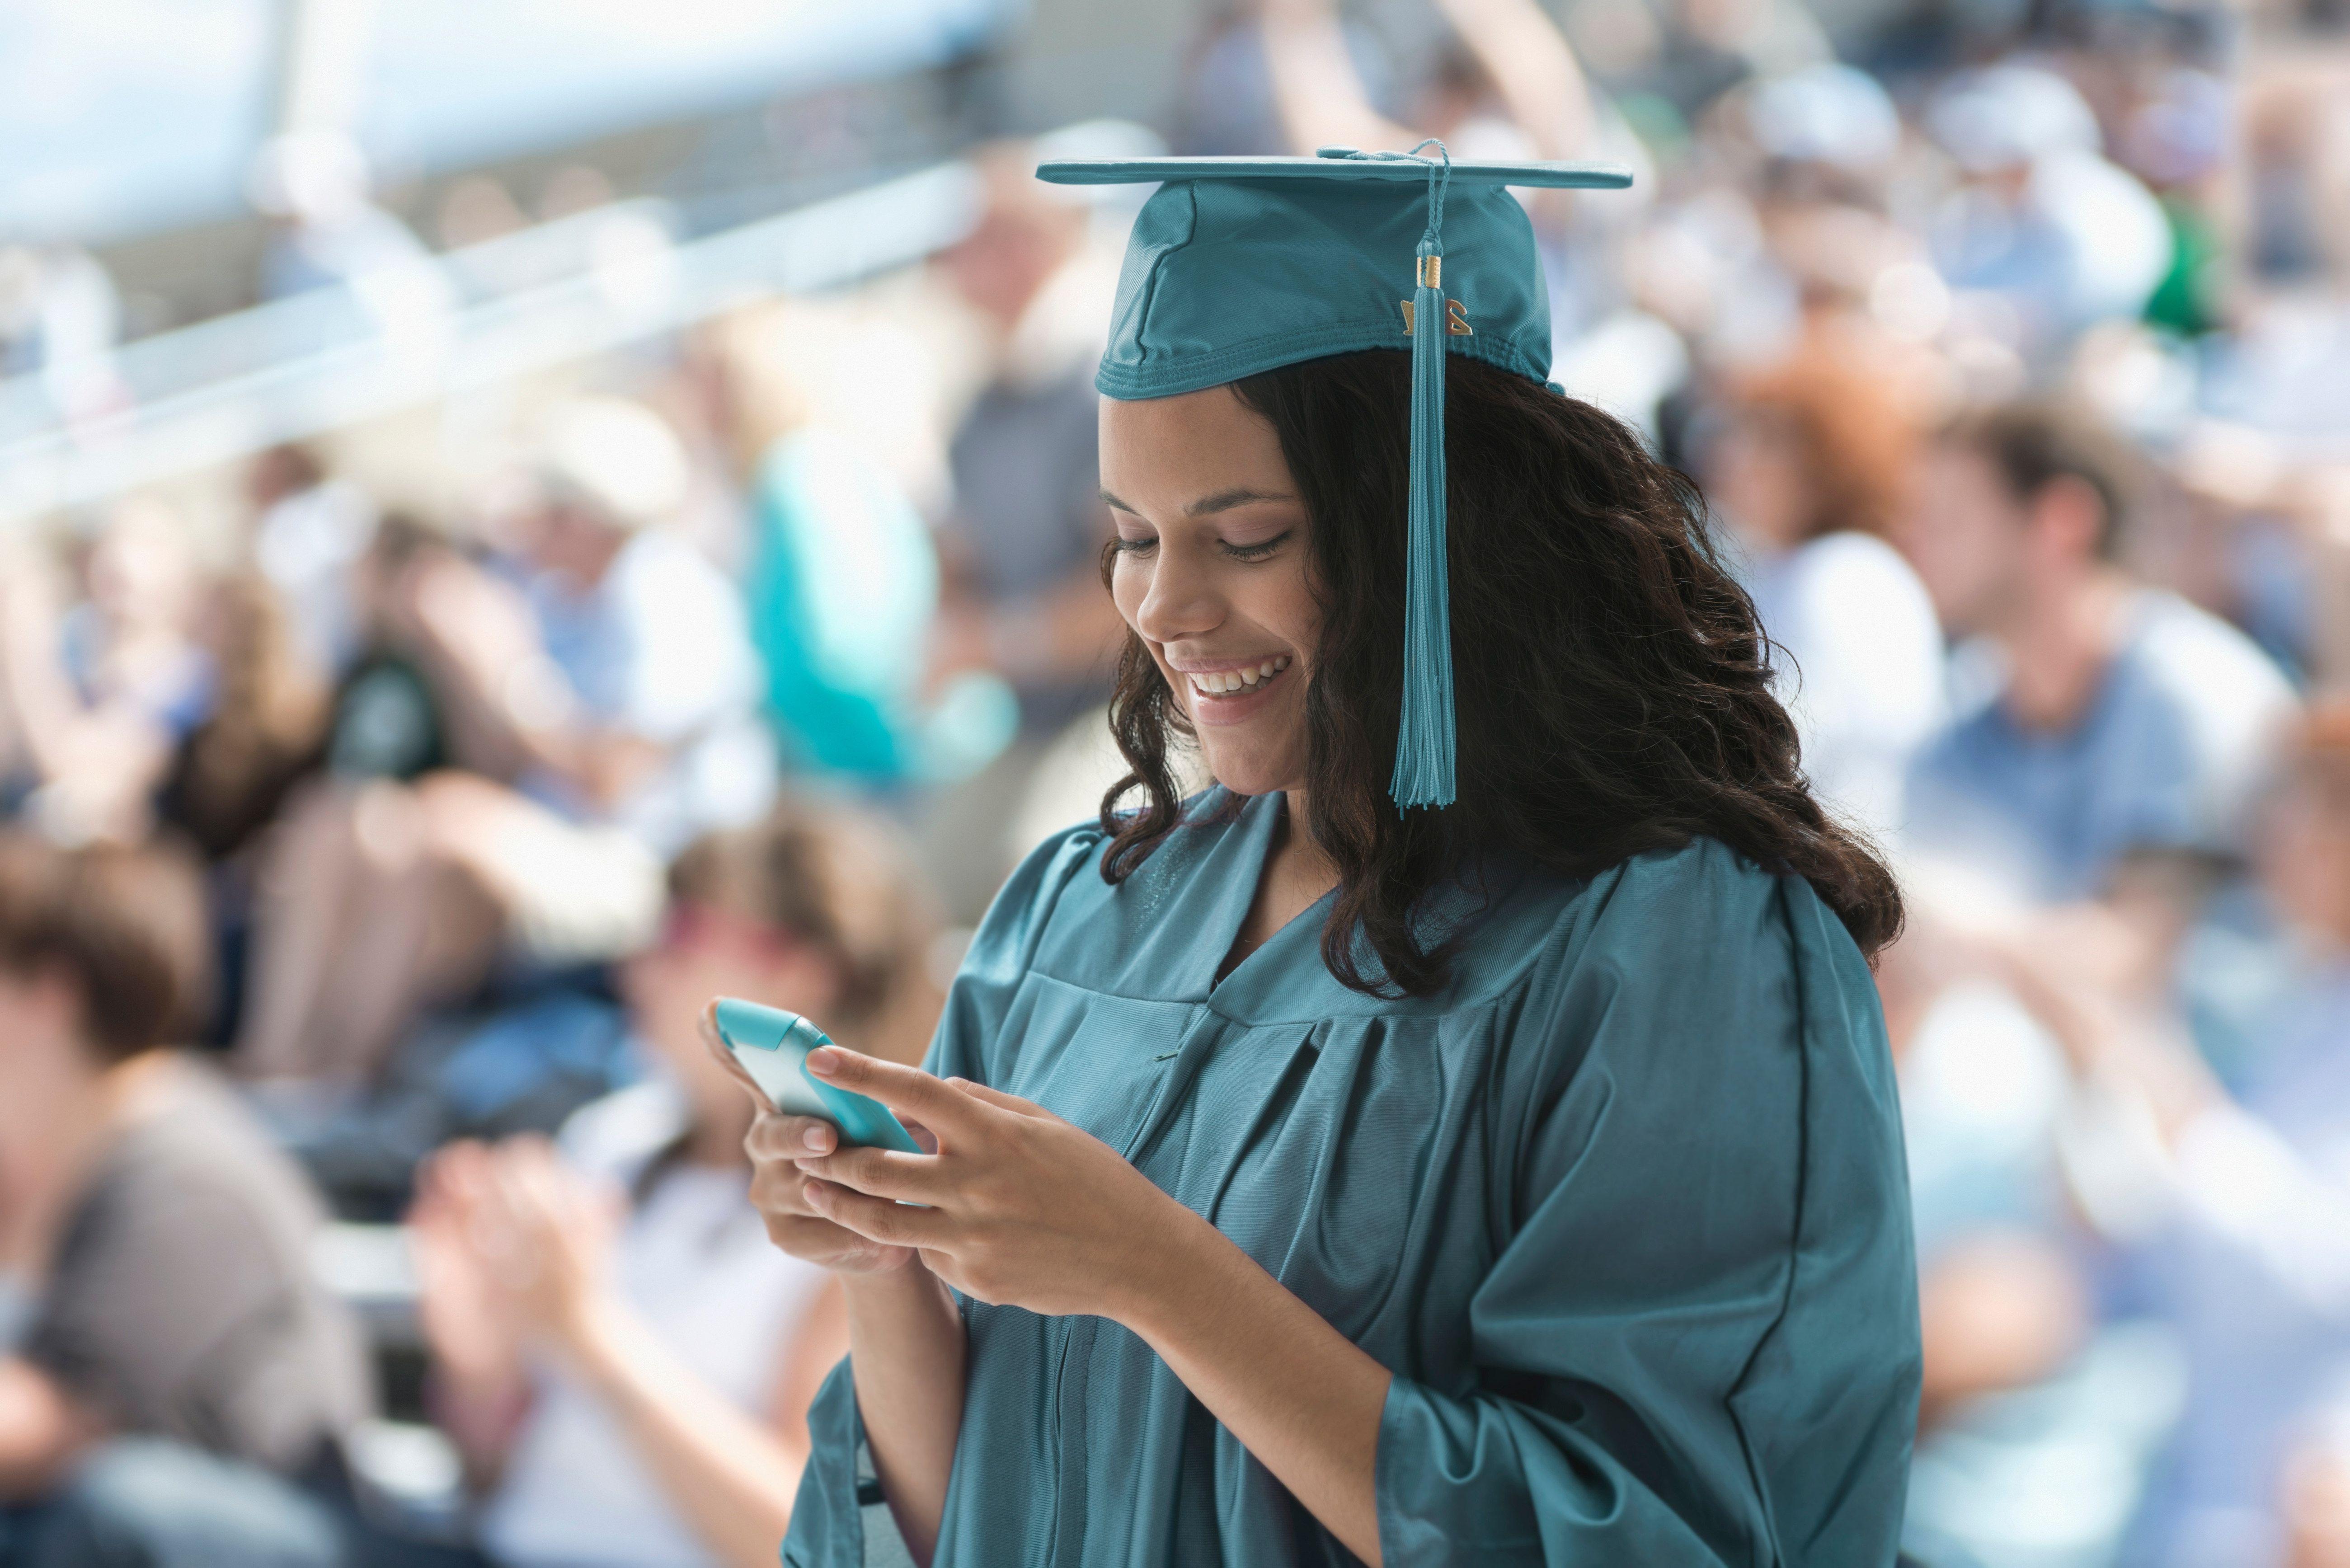 A female graduate using smartphone